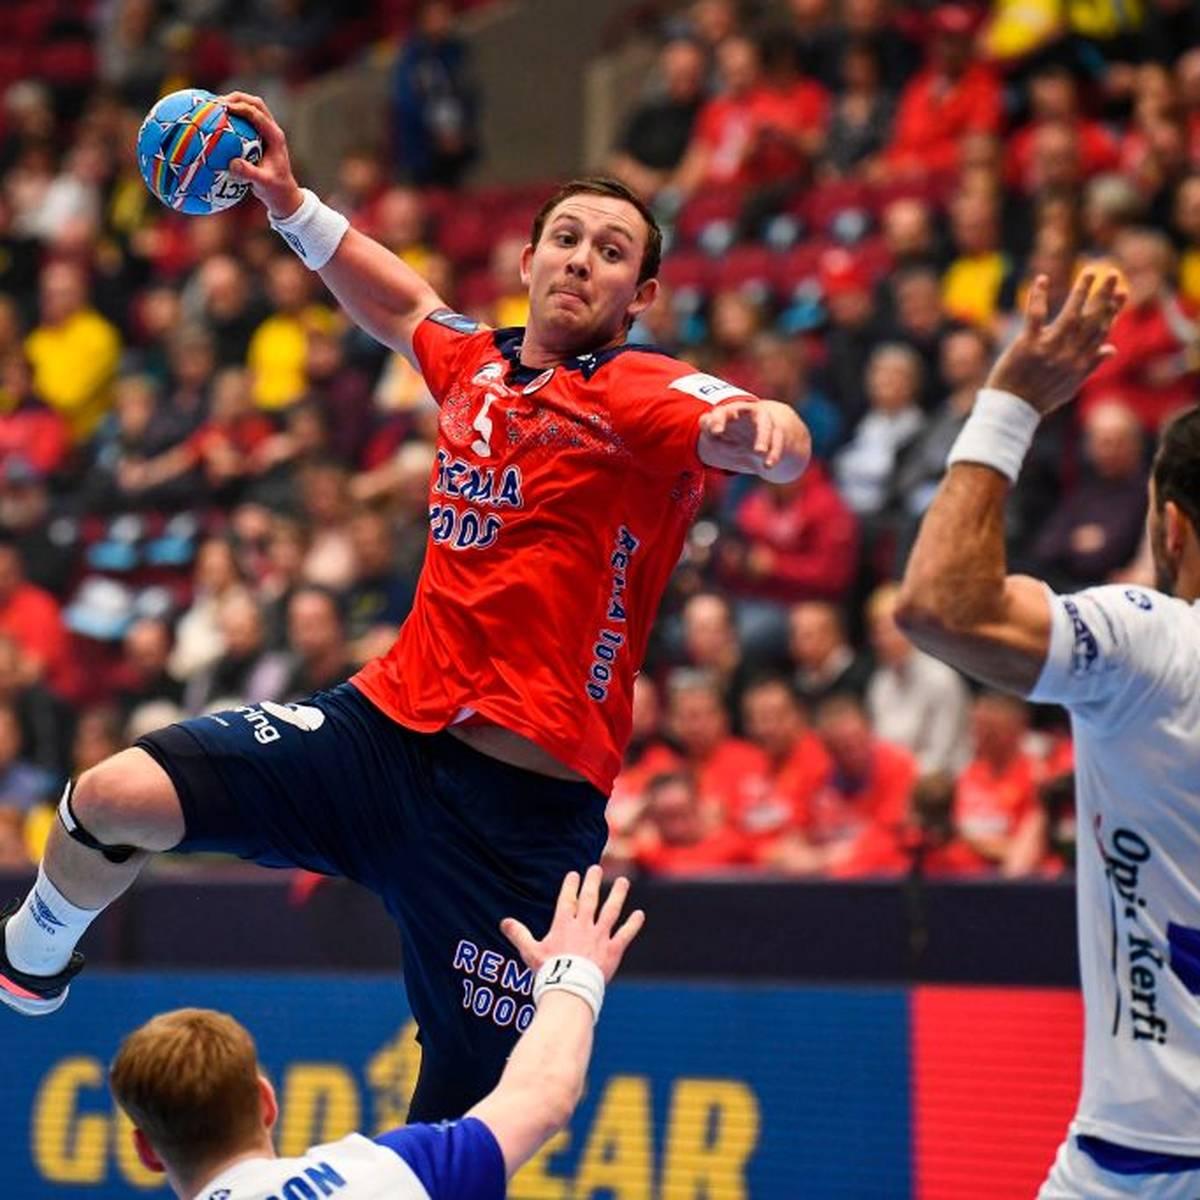 Der neue König des Handballs